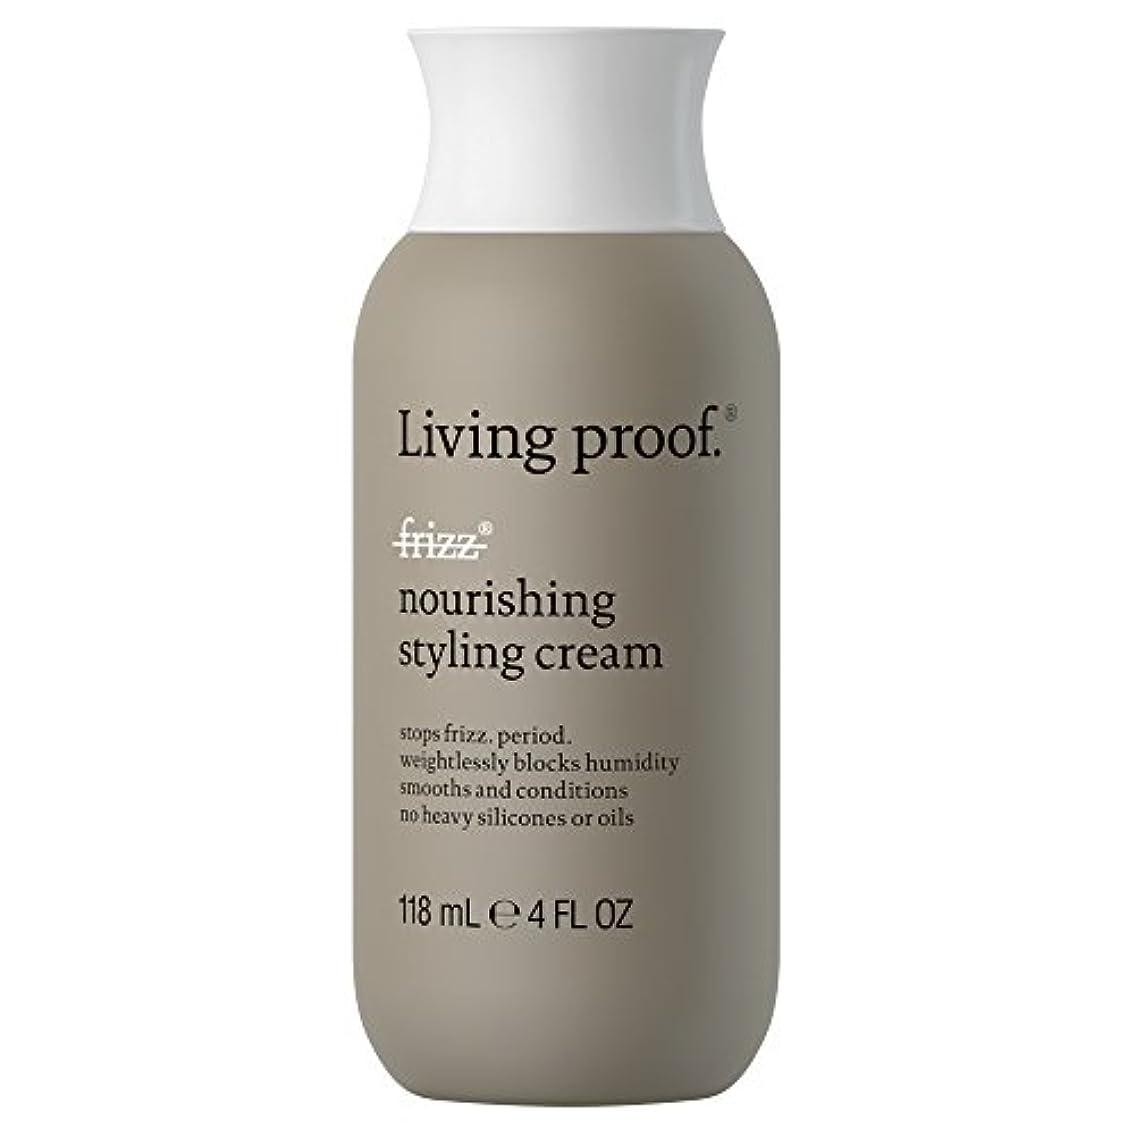 フォージわずらわしい落花生生きている証拠なし縮れ栄養スタイリングクリーム118ミリリットル (Living Proof) - Living Proof No Frizz Nourishing Styling Cream 118ml [並行輸入品]